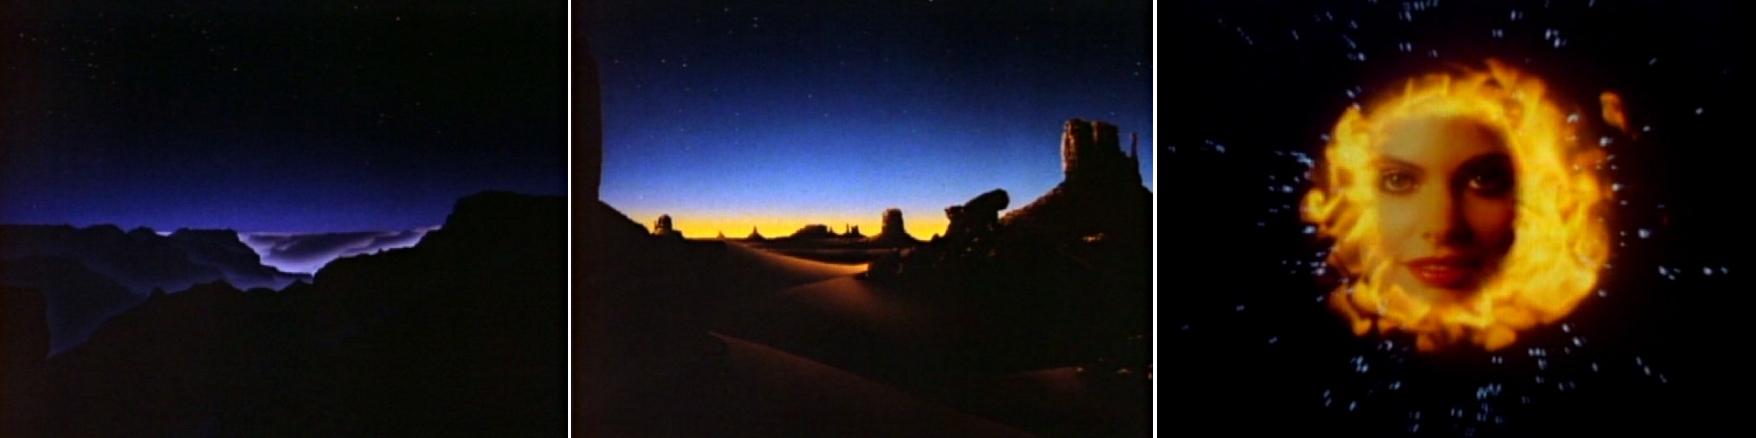 michael jackson dangerous album cover explained meaning erklärt symbols symbole bedeutung ryden art can you feel it triumph film